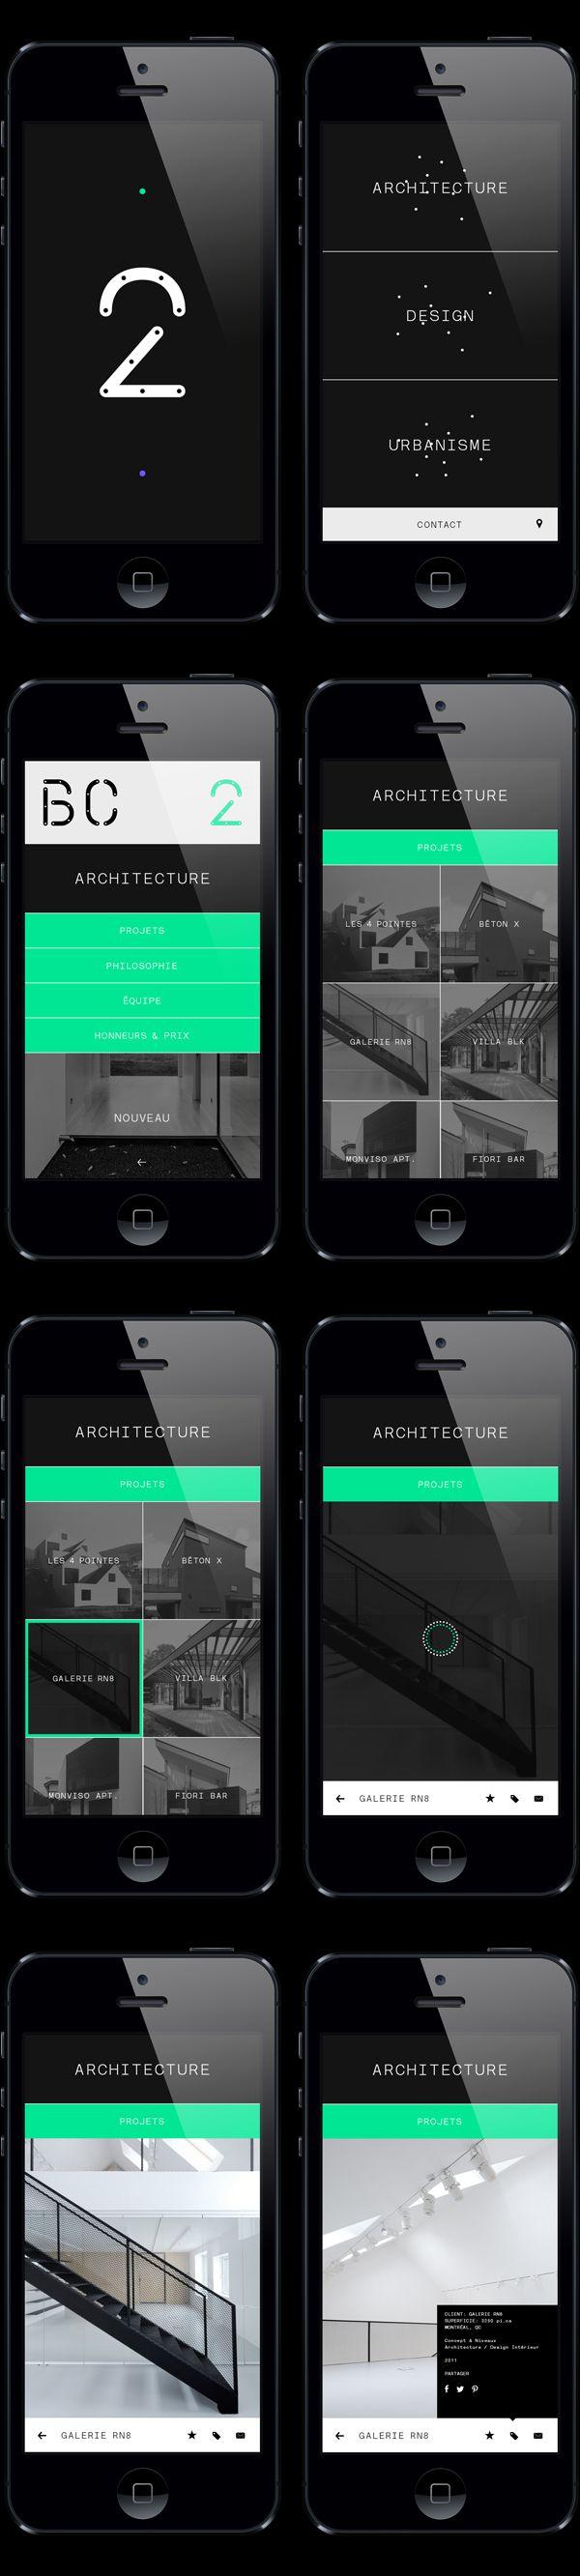 BC2 / ARCHITECTURE, DESIGN & URBAN DEV. by Emanuel Cohen, via Behance